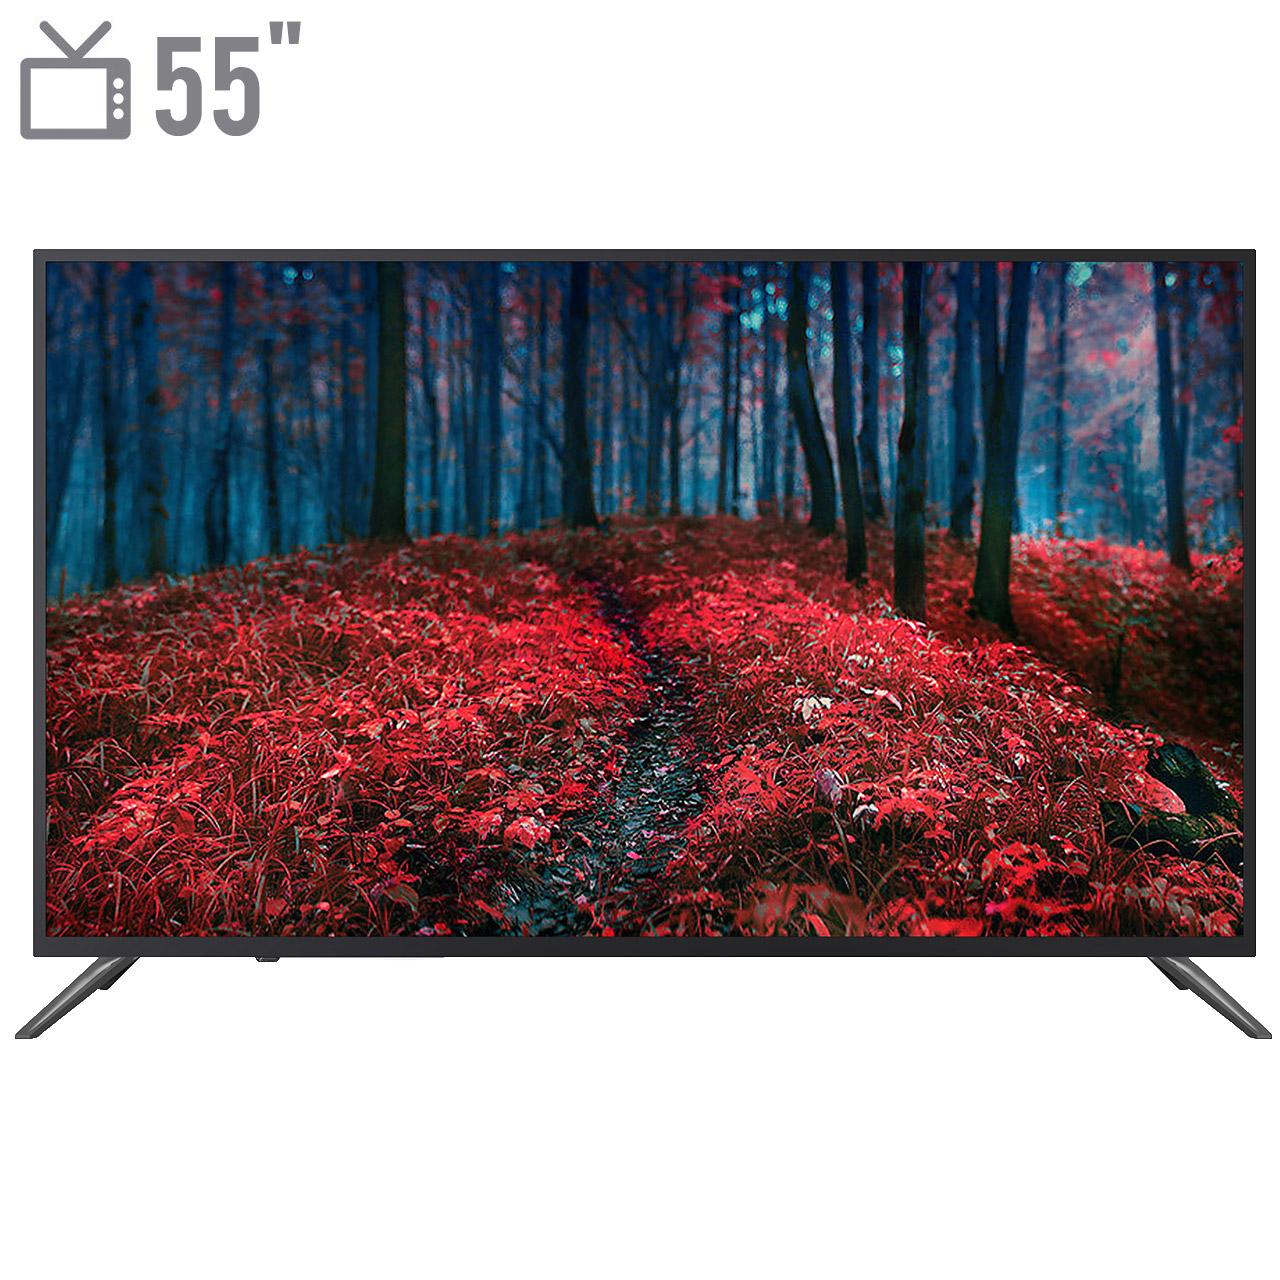 فروش نقدی و اقساطی تلویزیون ال ای دی هوشمند شهاب مدل SH102U1 سایز 55 اینچ